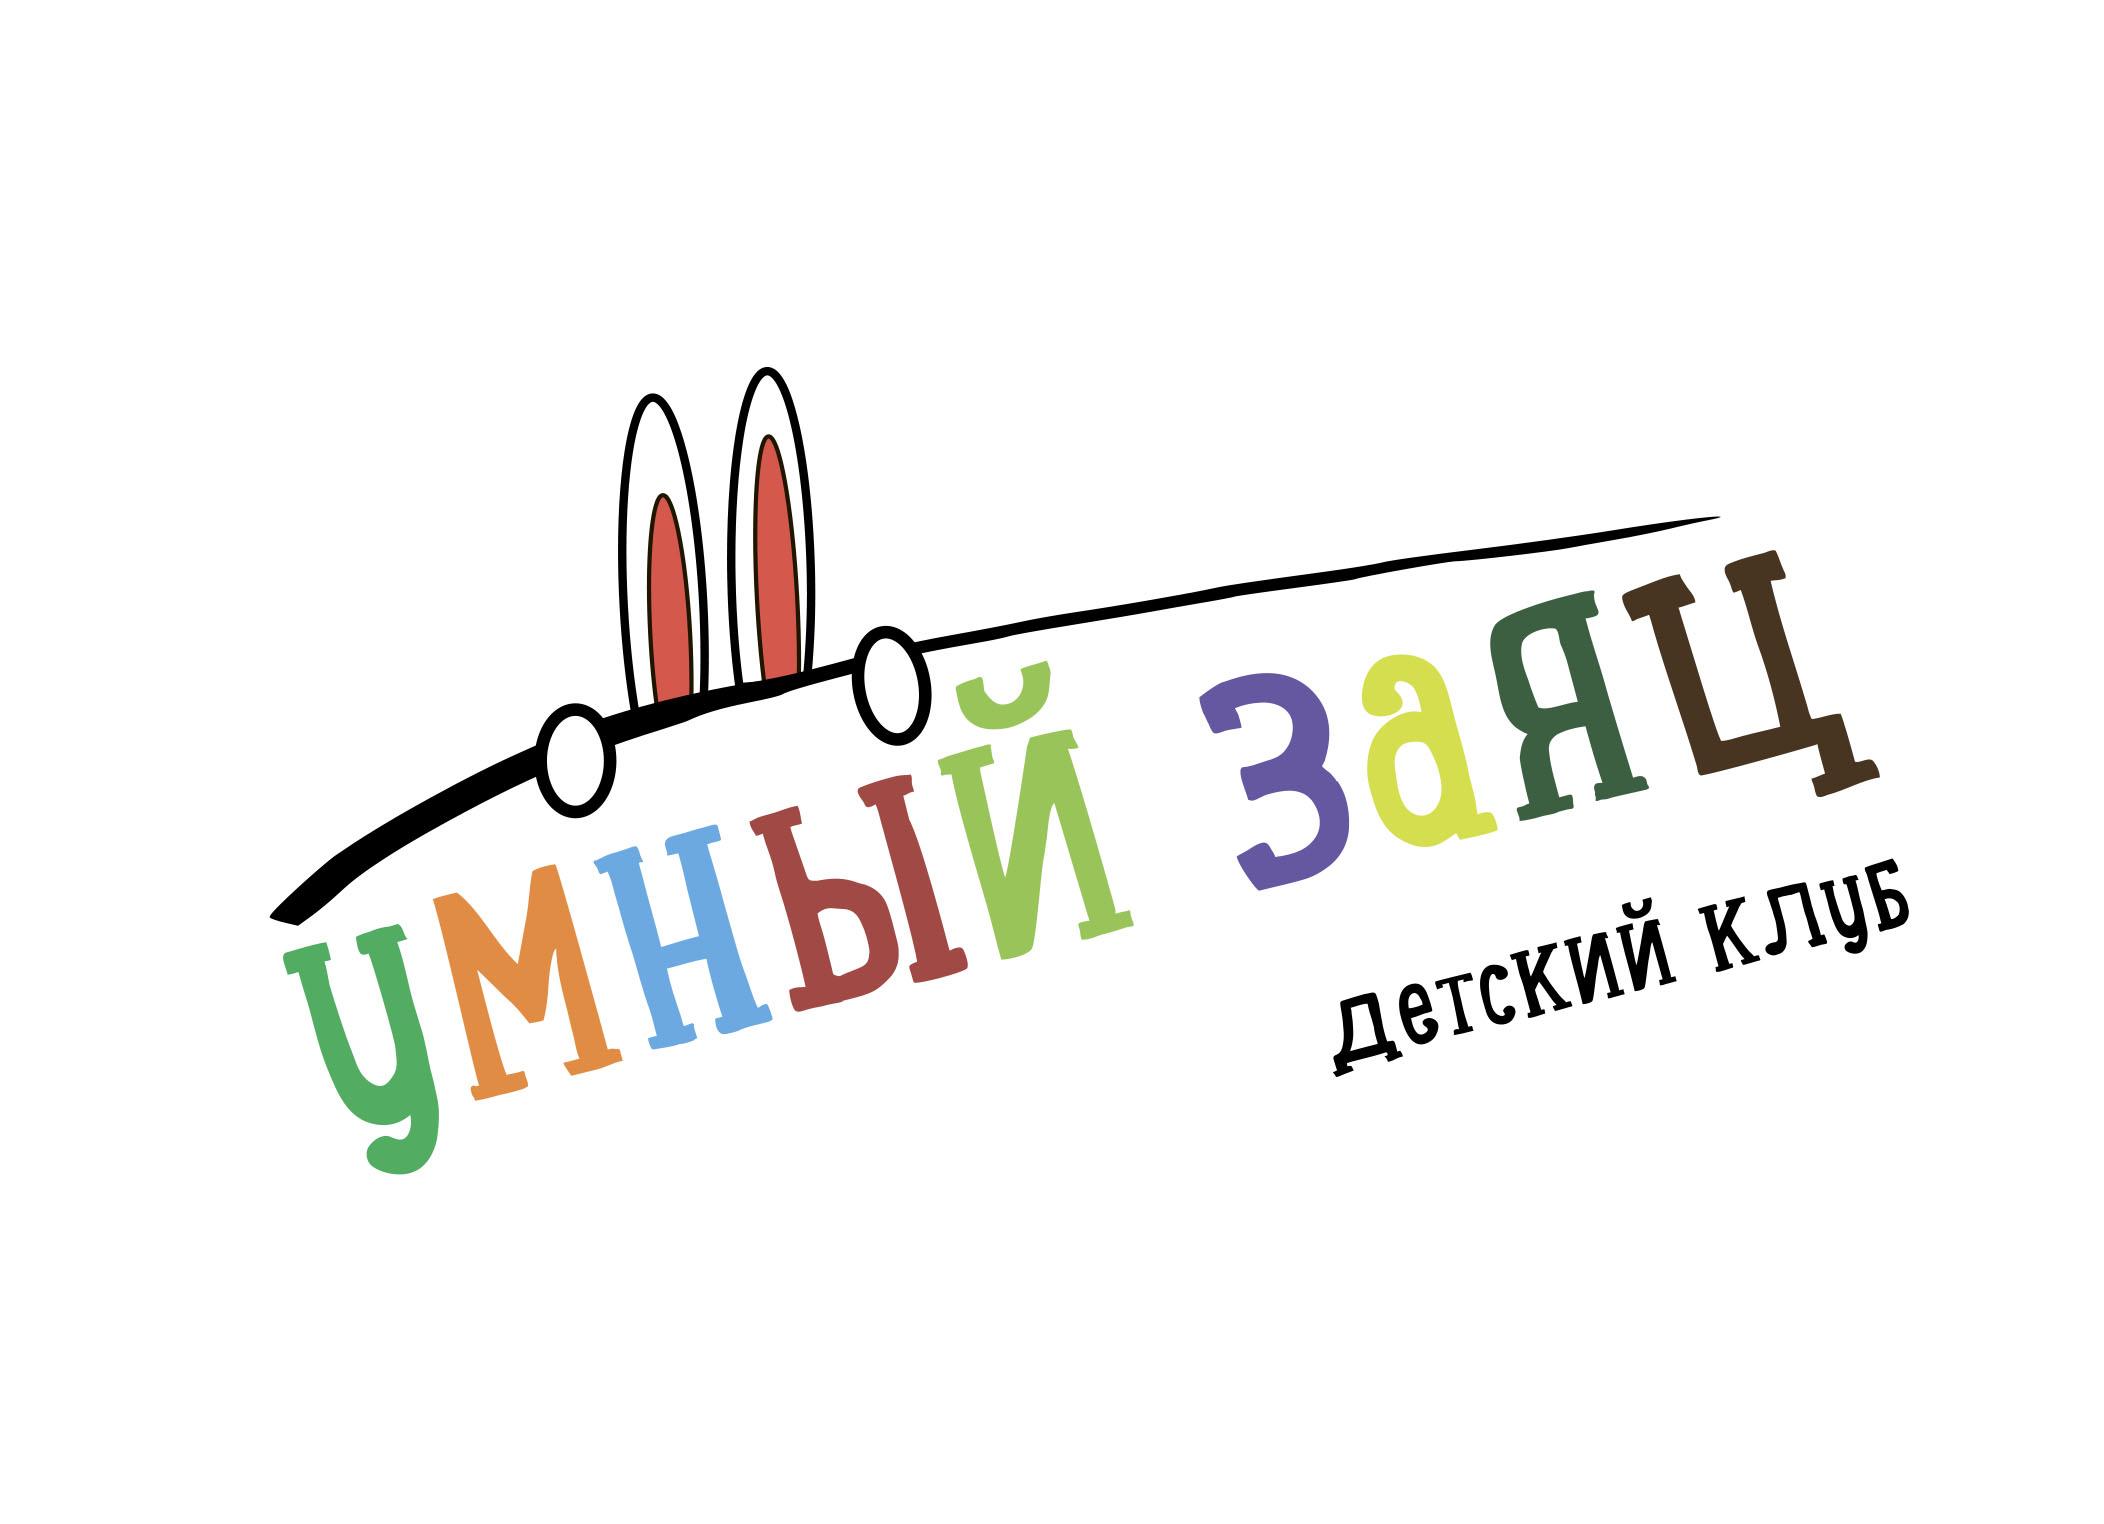 Разработать логотип и фирменный стиль детского клуба фото f_79455525d559a947.jpg